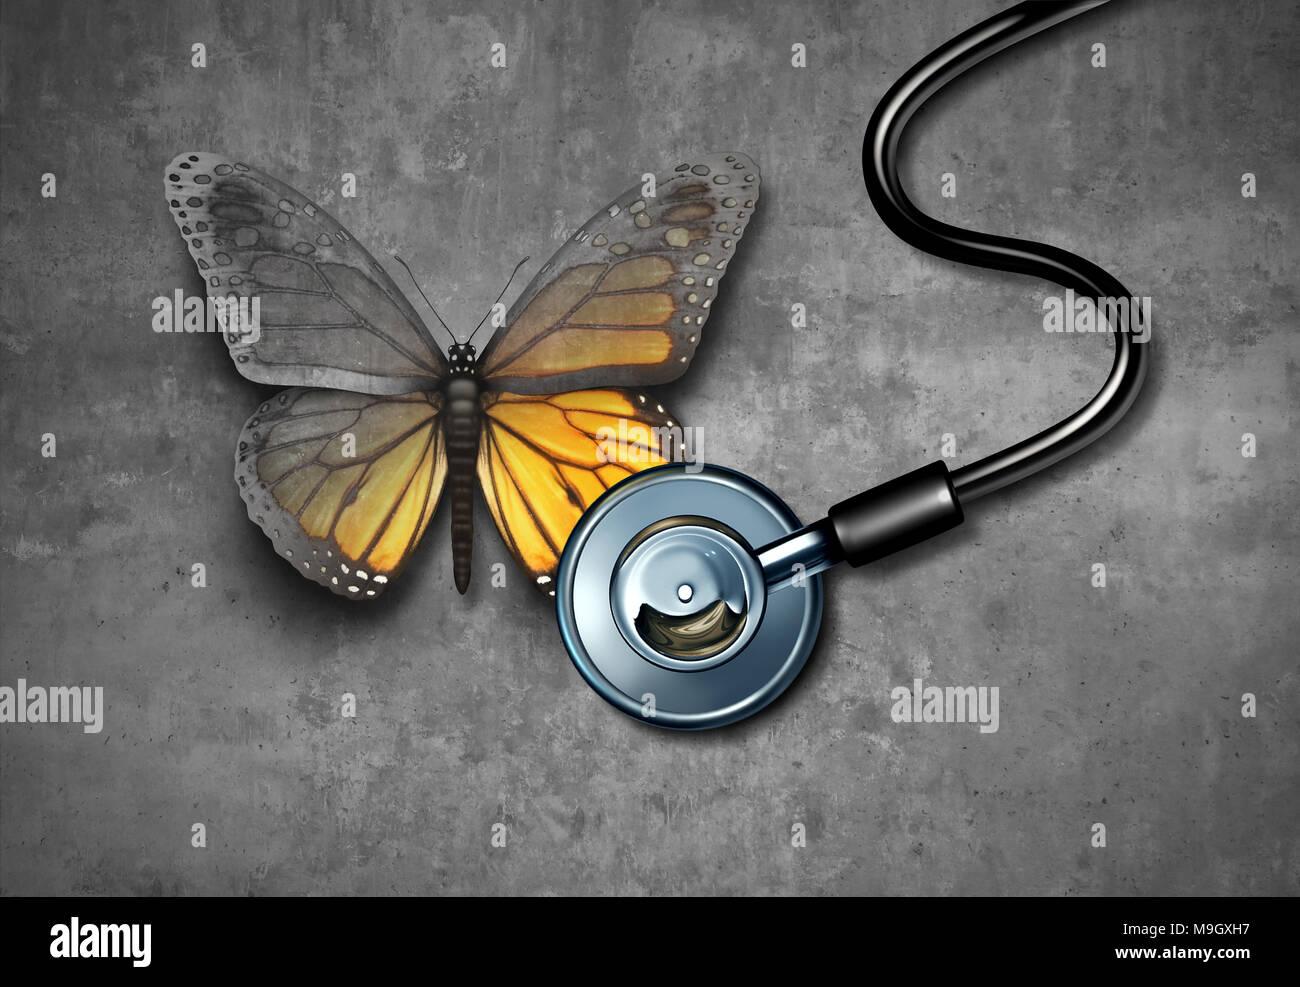 Le rétablissement et la guérison médicale par médecin concept de réadaptation comme un papillon gris un retour grâce à un traitement par un stéthoscope. Photo Stock